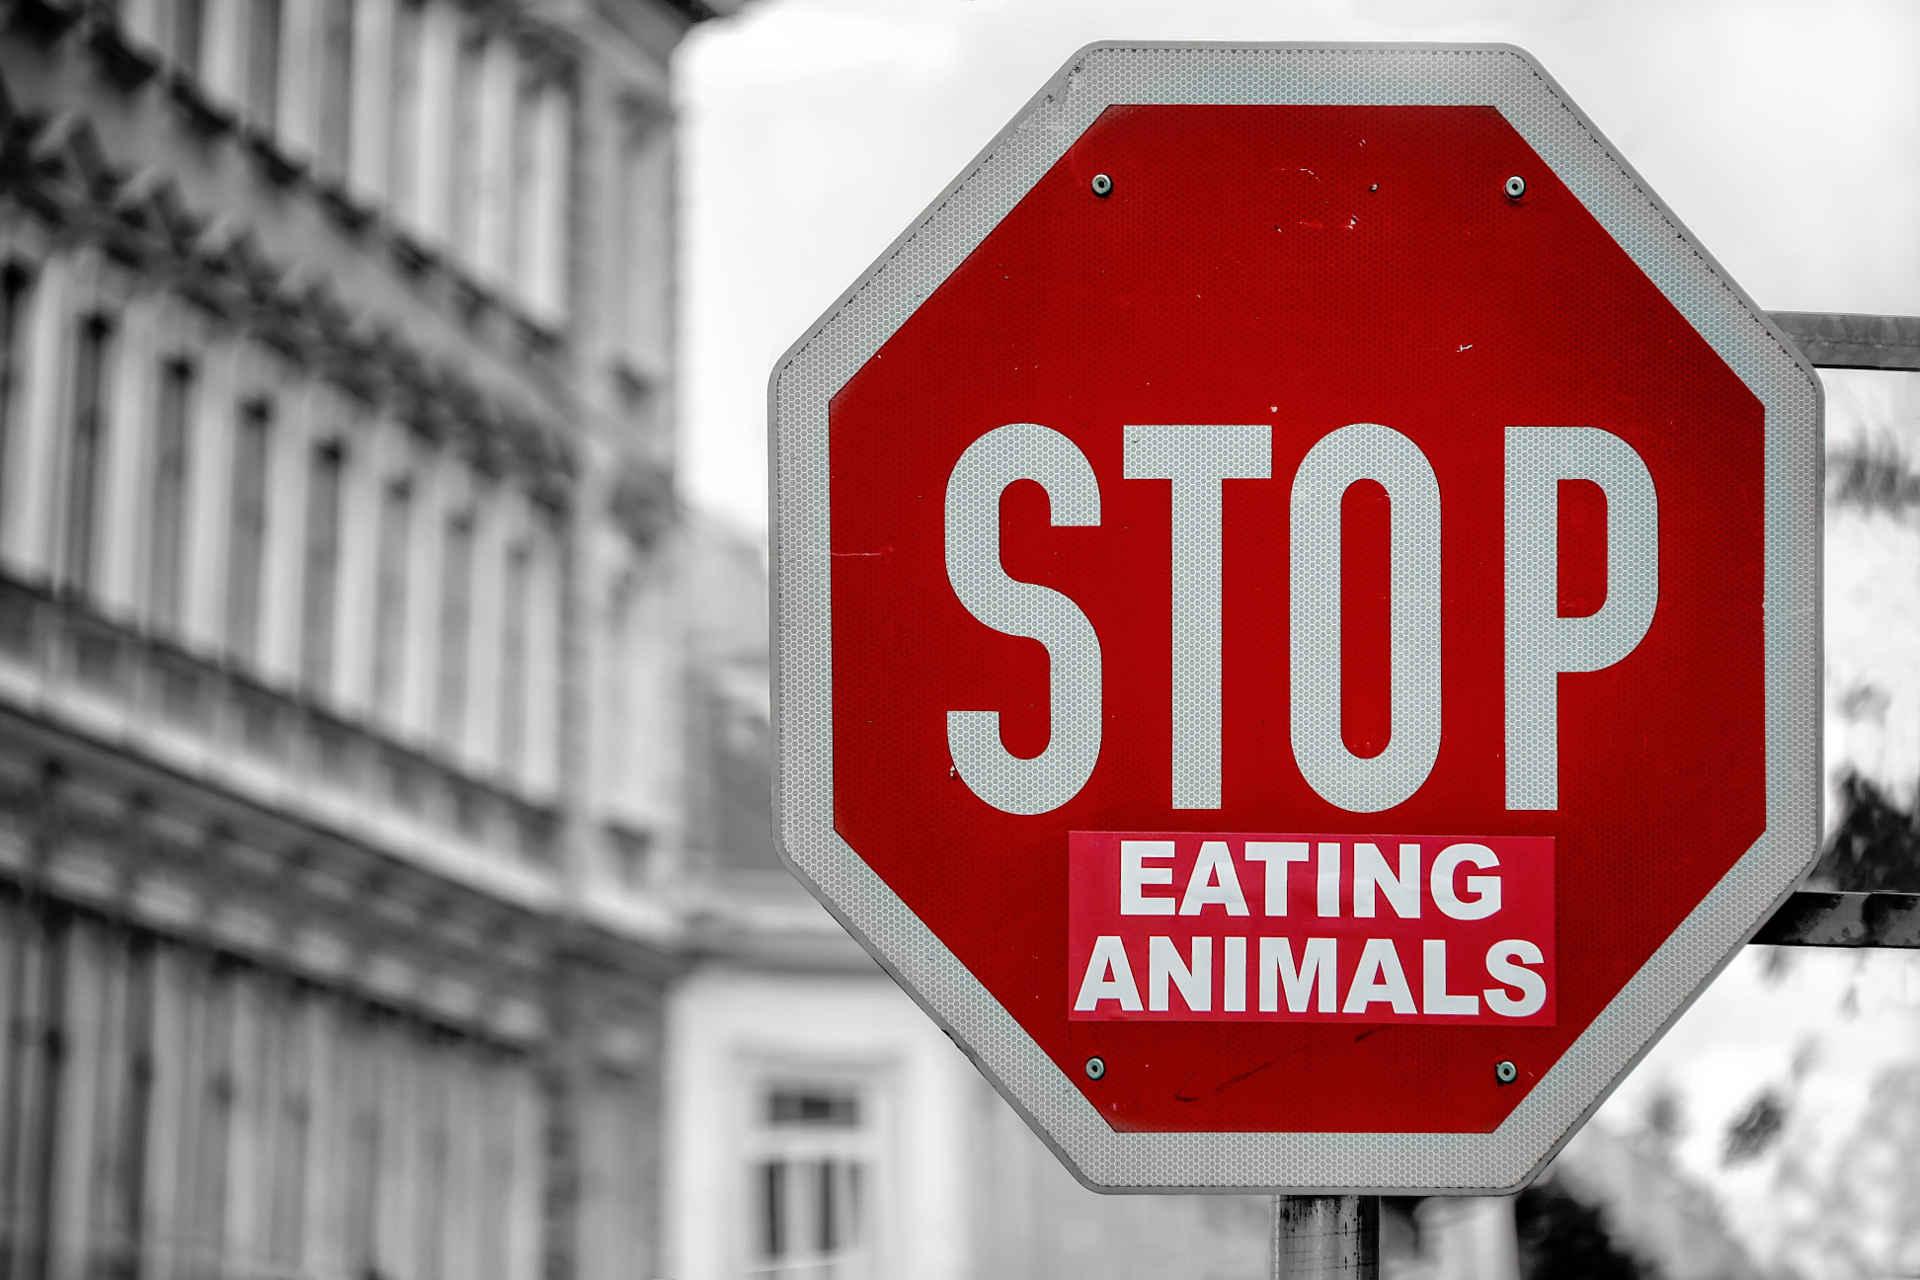 Vegetarisch essen ist ansteckend